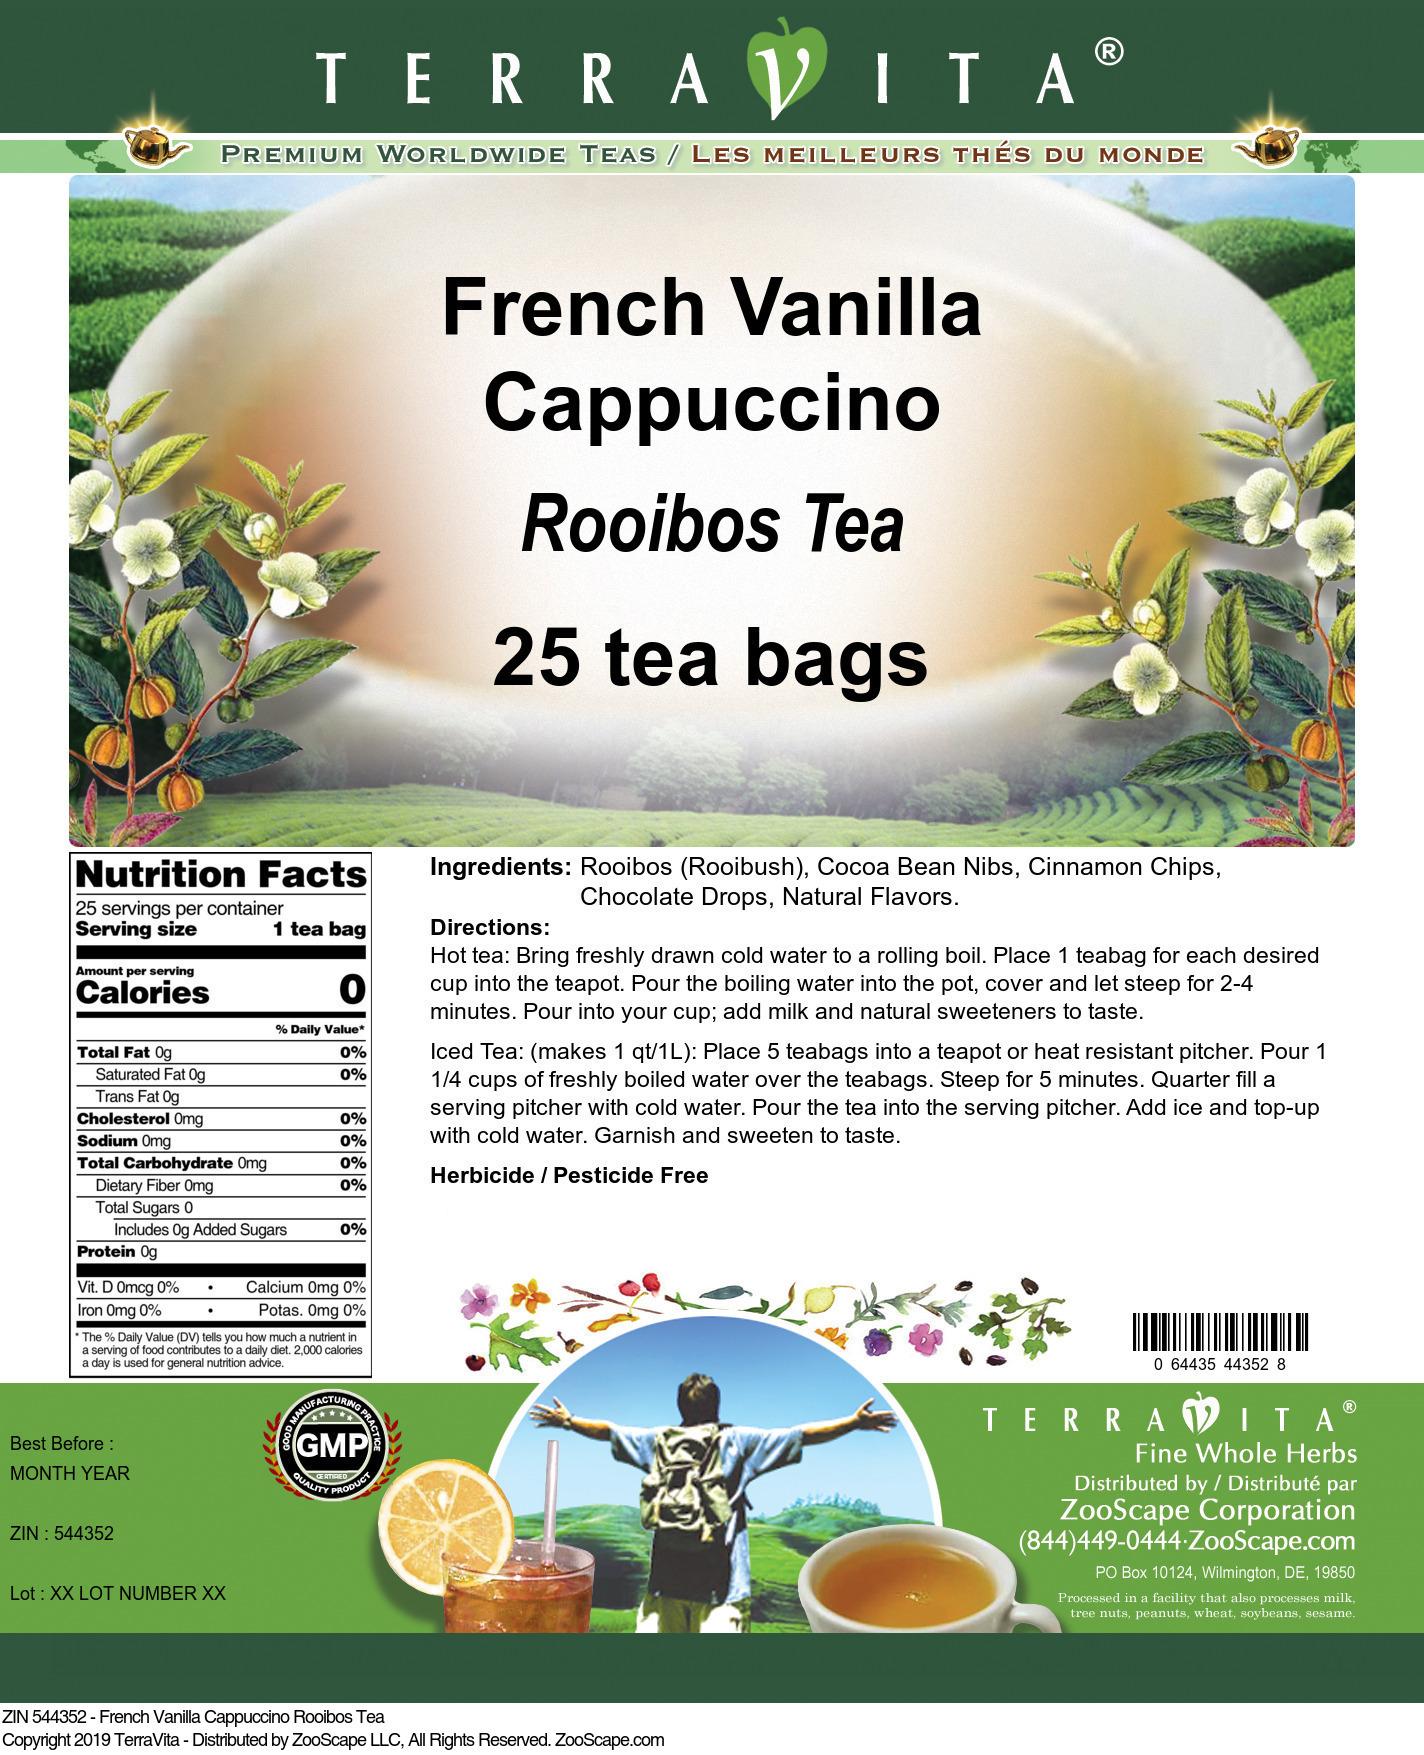 French Vanilla Cappuccino Rooibos Tea